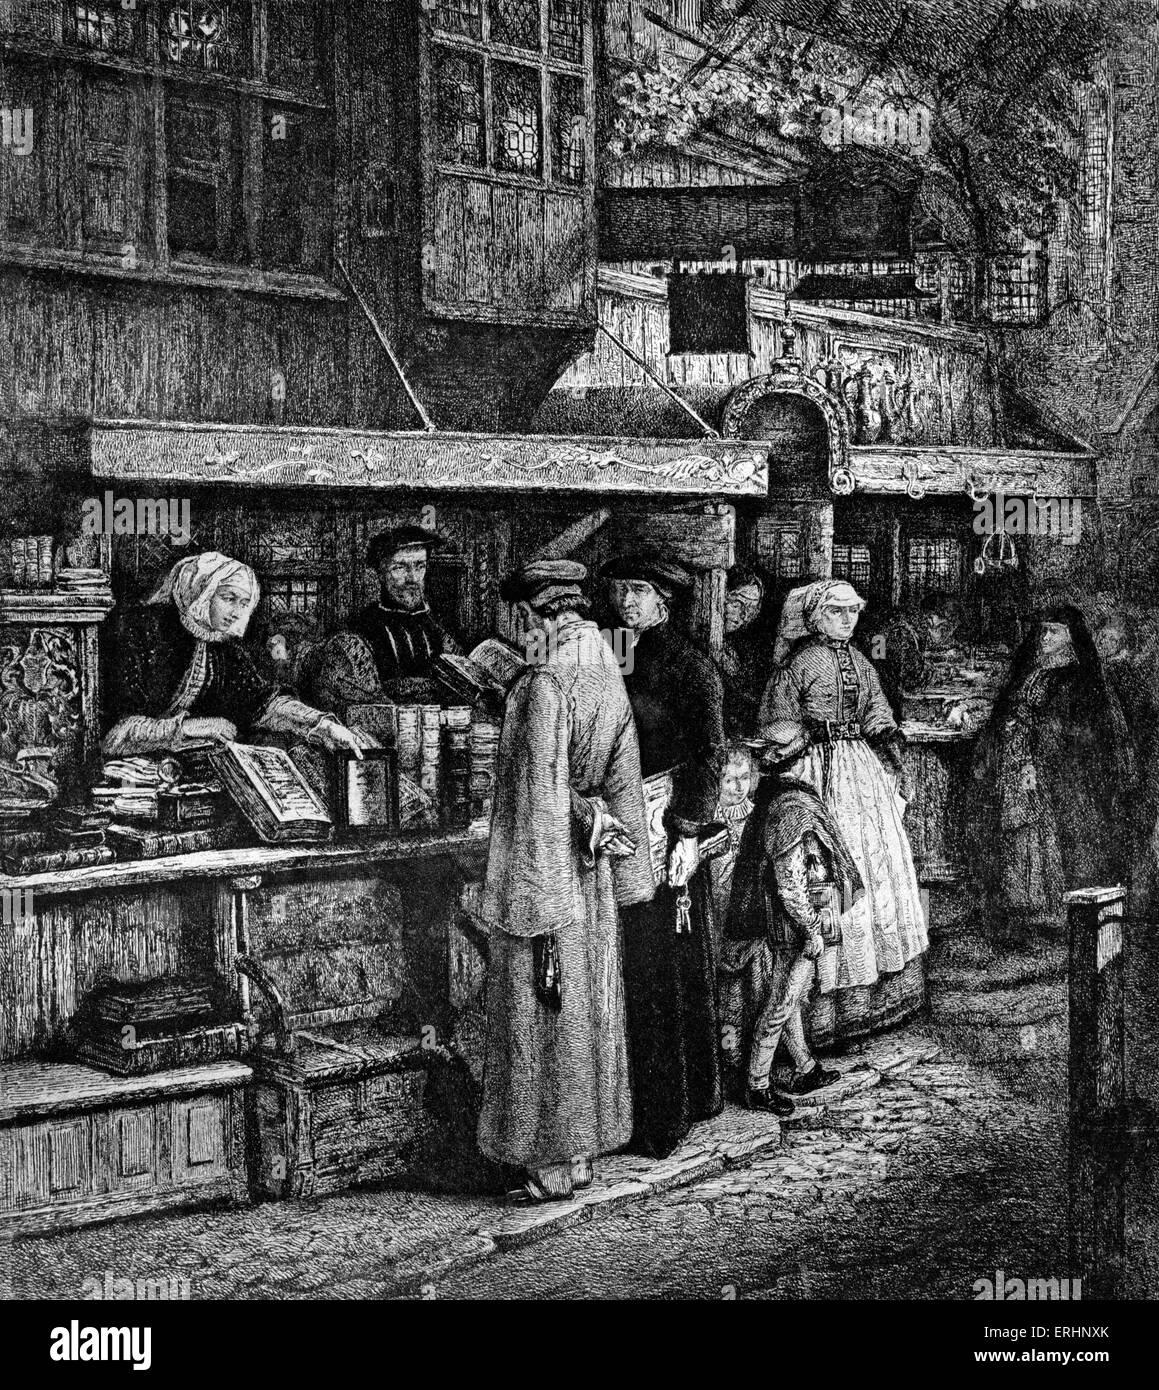 Bookseller in Antwerp printed by Jacob van Liesvelt in 16th century. - Stock Image